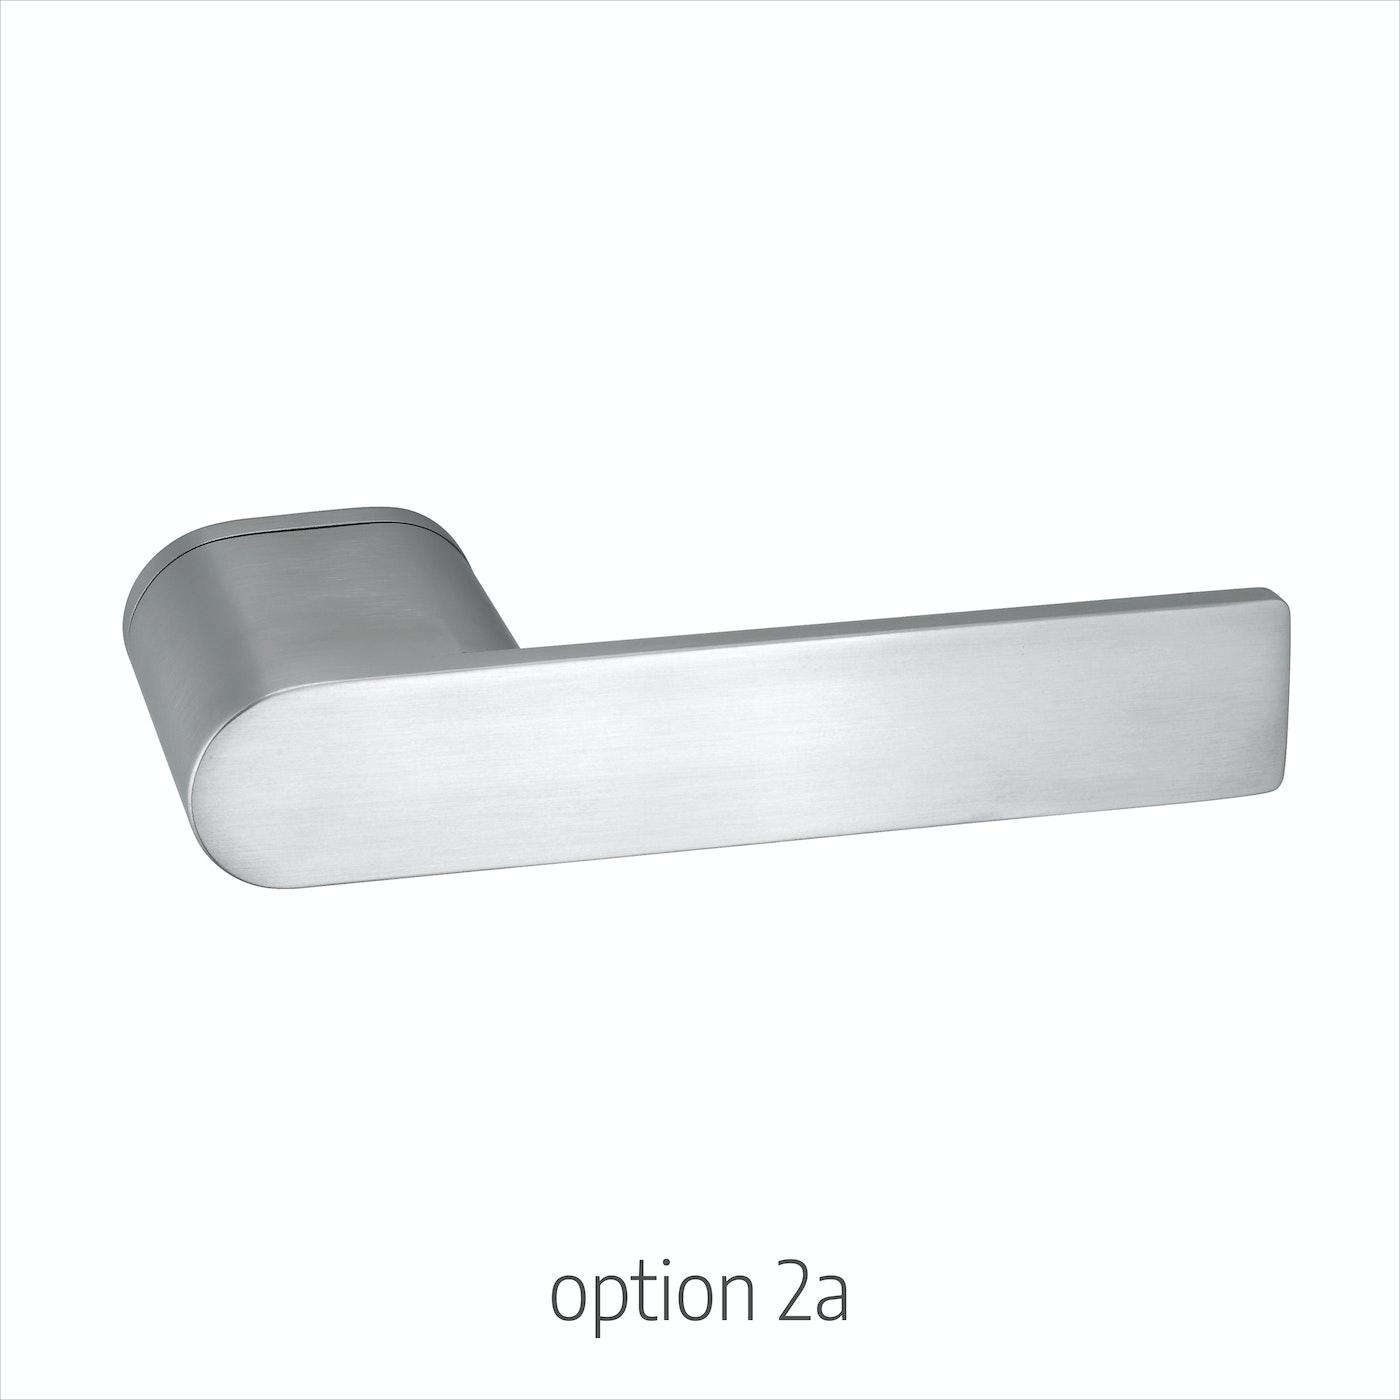 option 2a